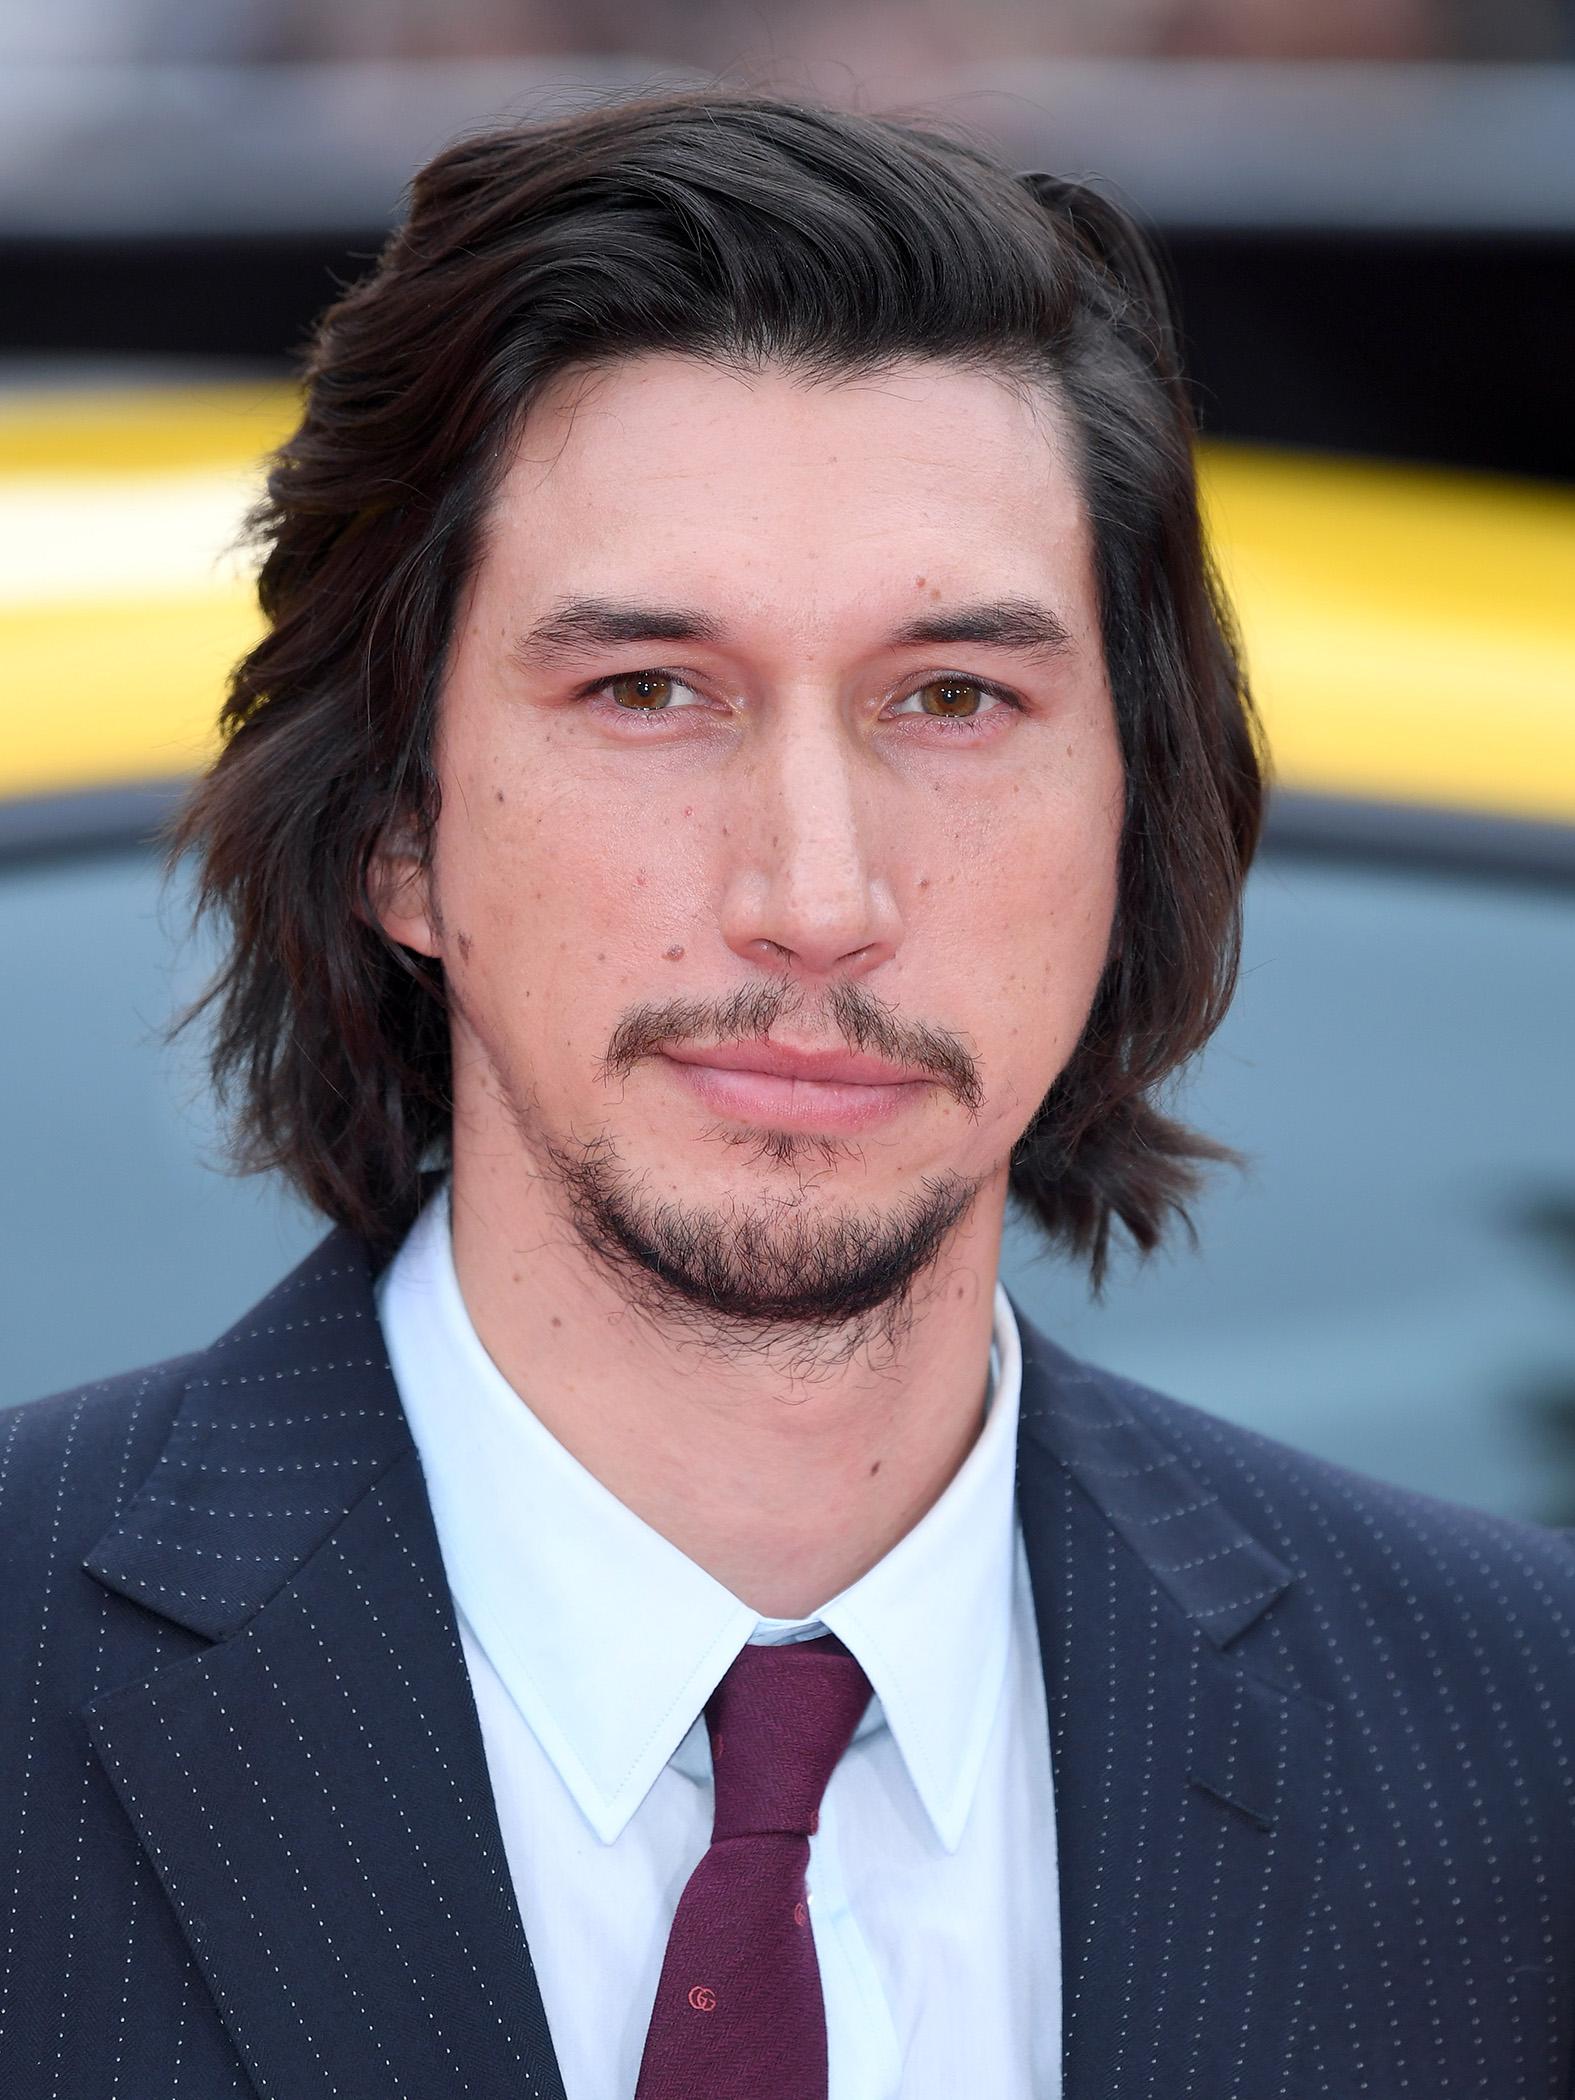 Daniel Wu, Breitling Cinema Squad. (PPR/Breitling)